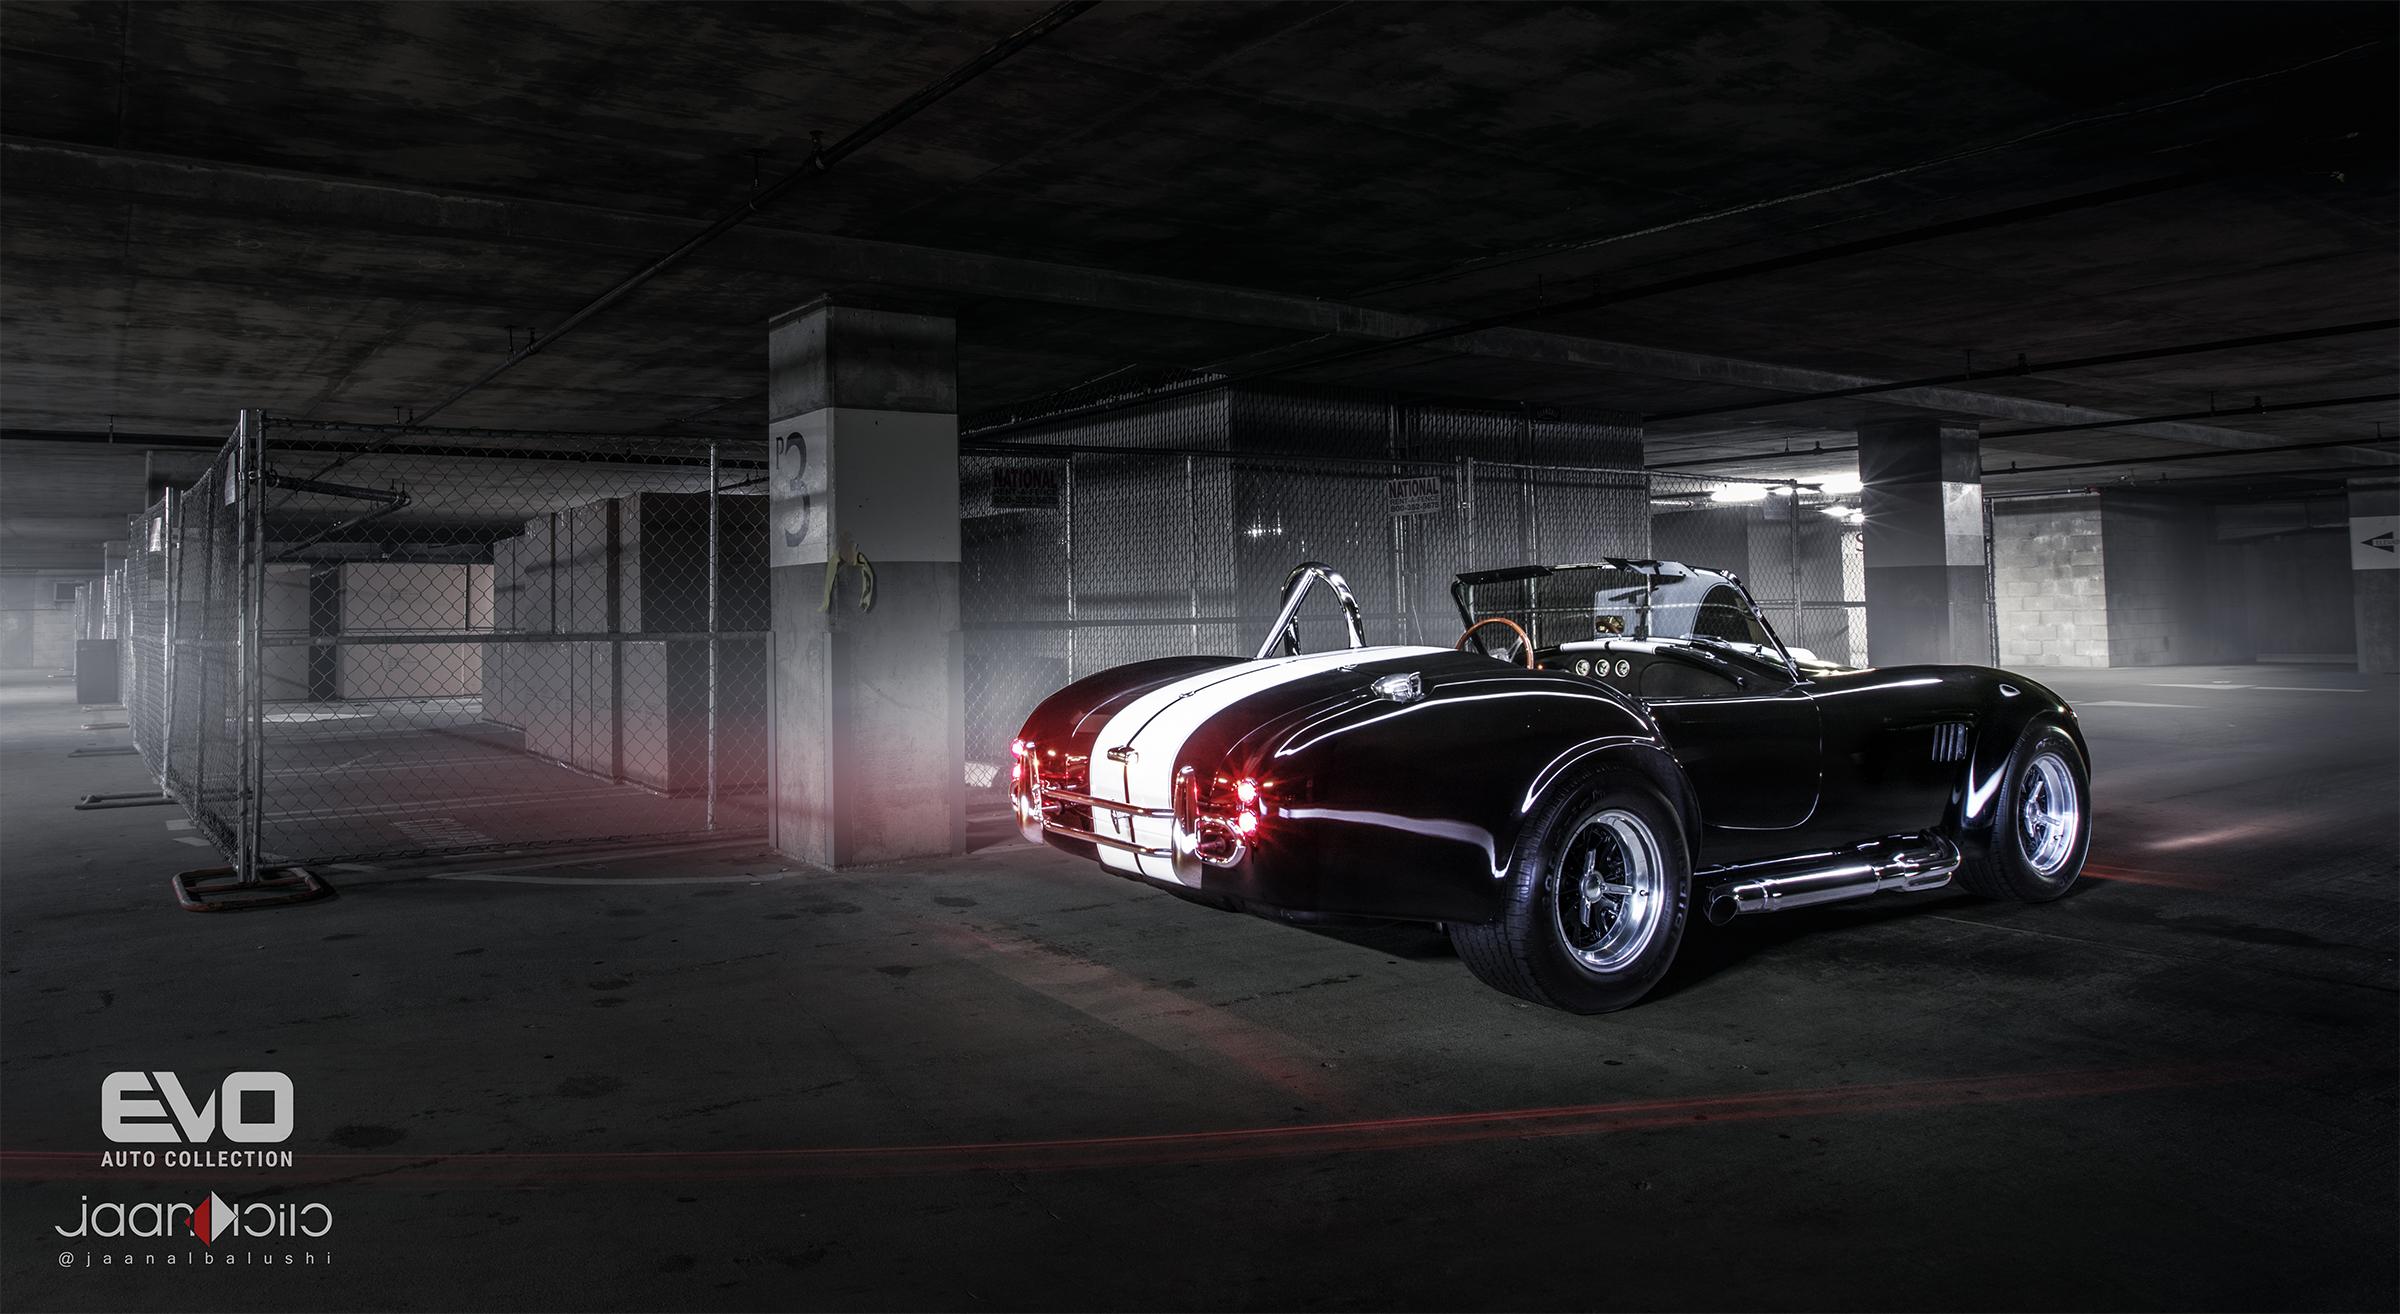 evo car in garage.jpg